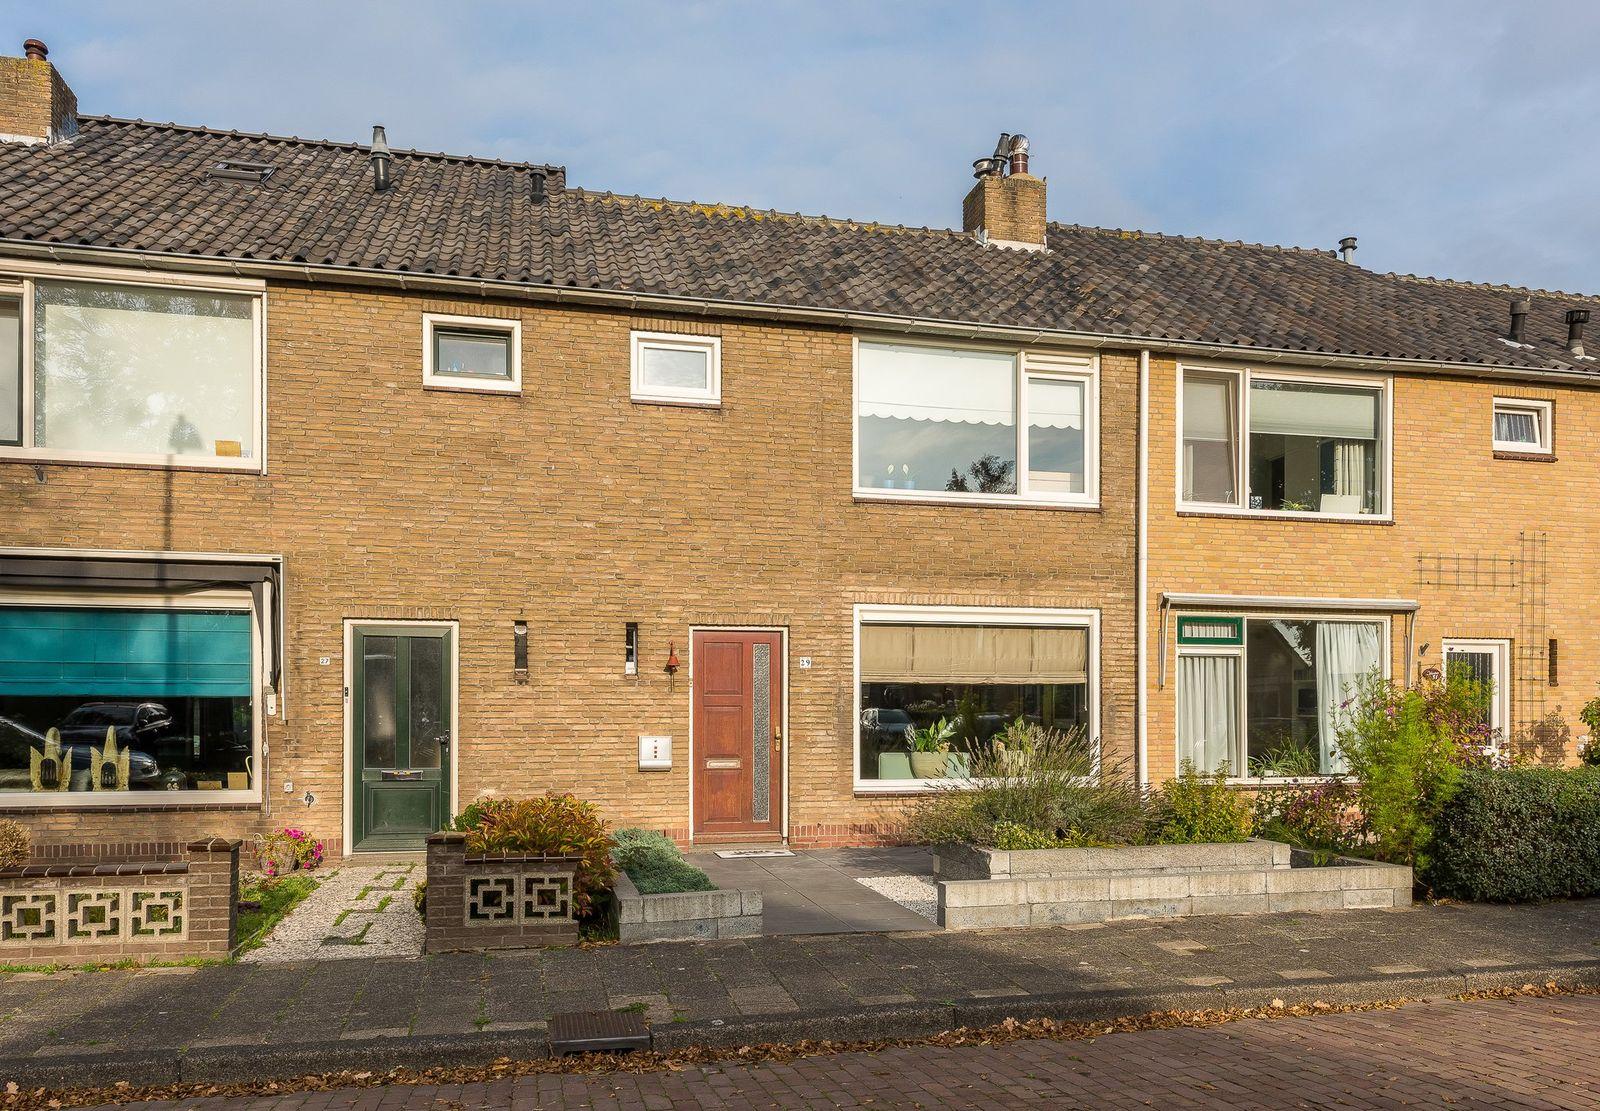 Johan van Oldenbarneveldtstraat 29, Honselersdijk